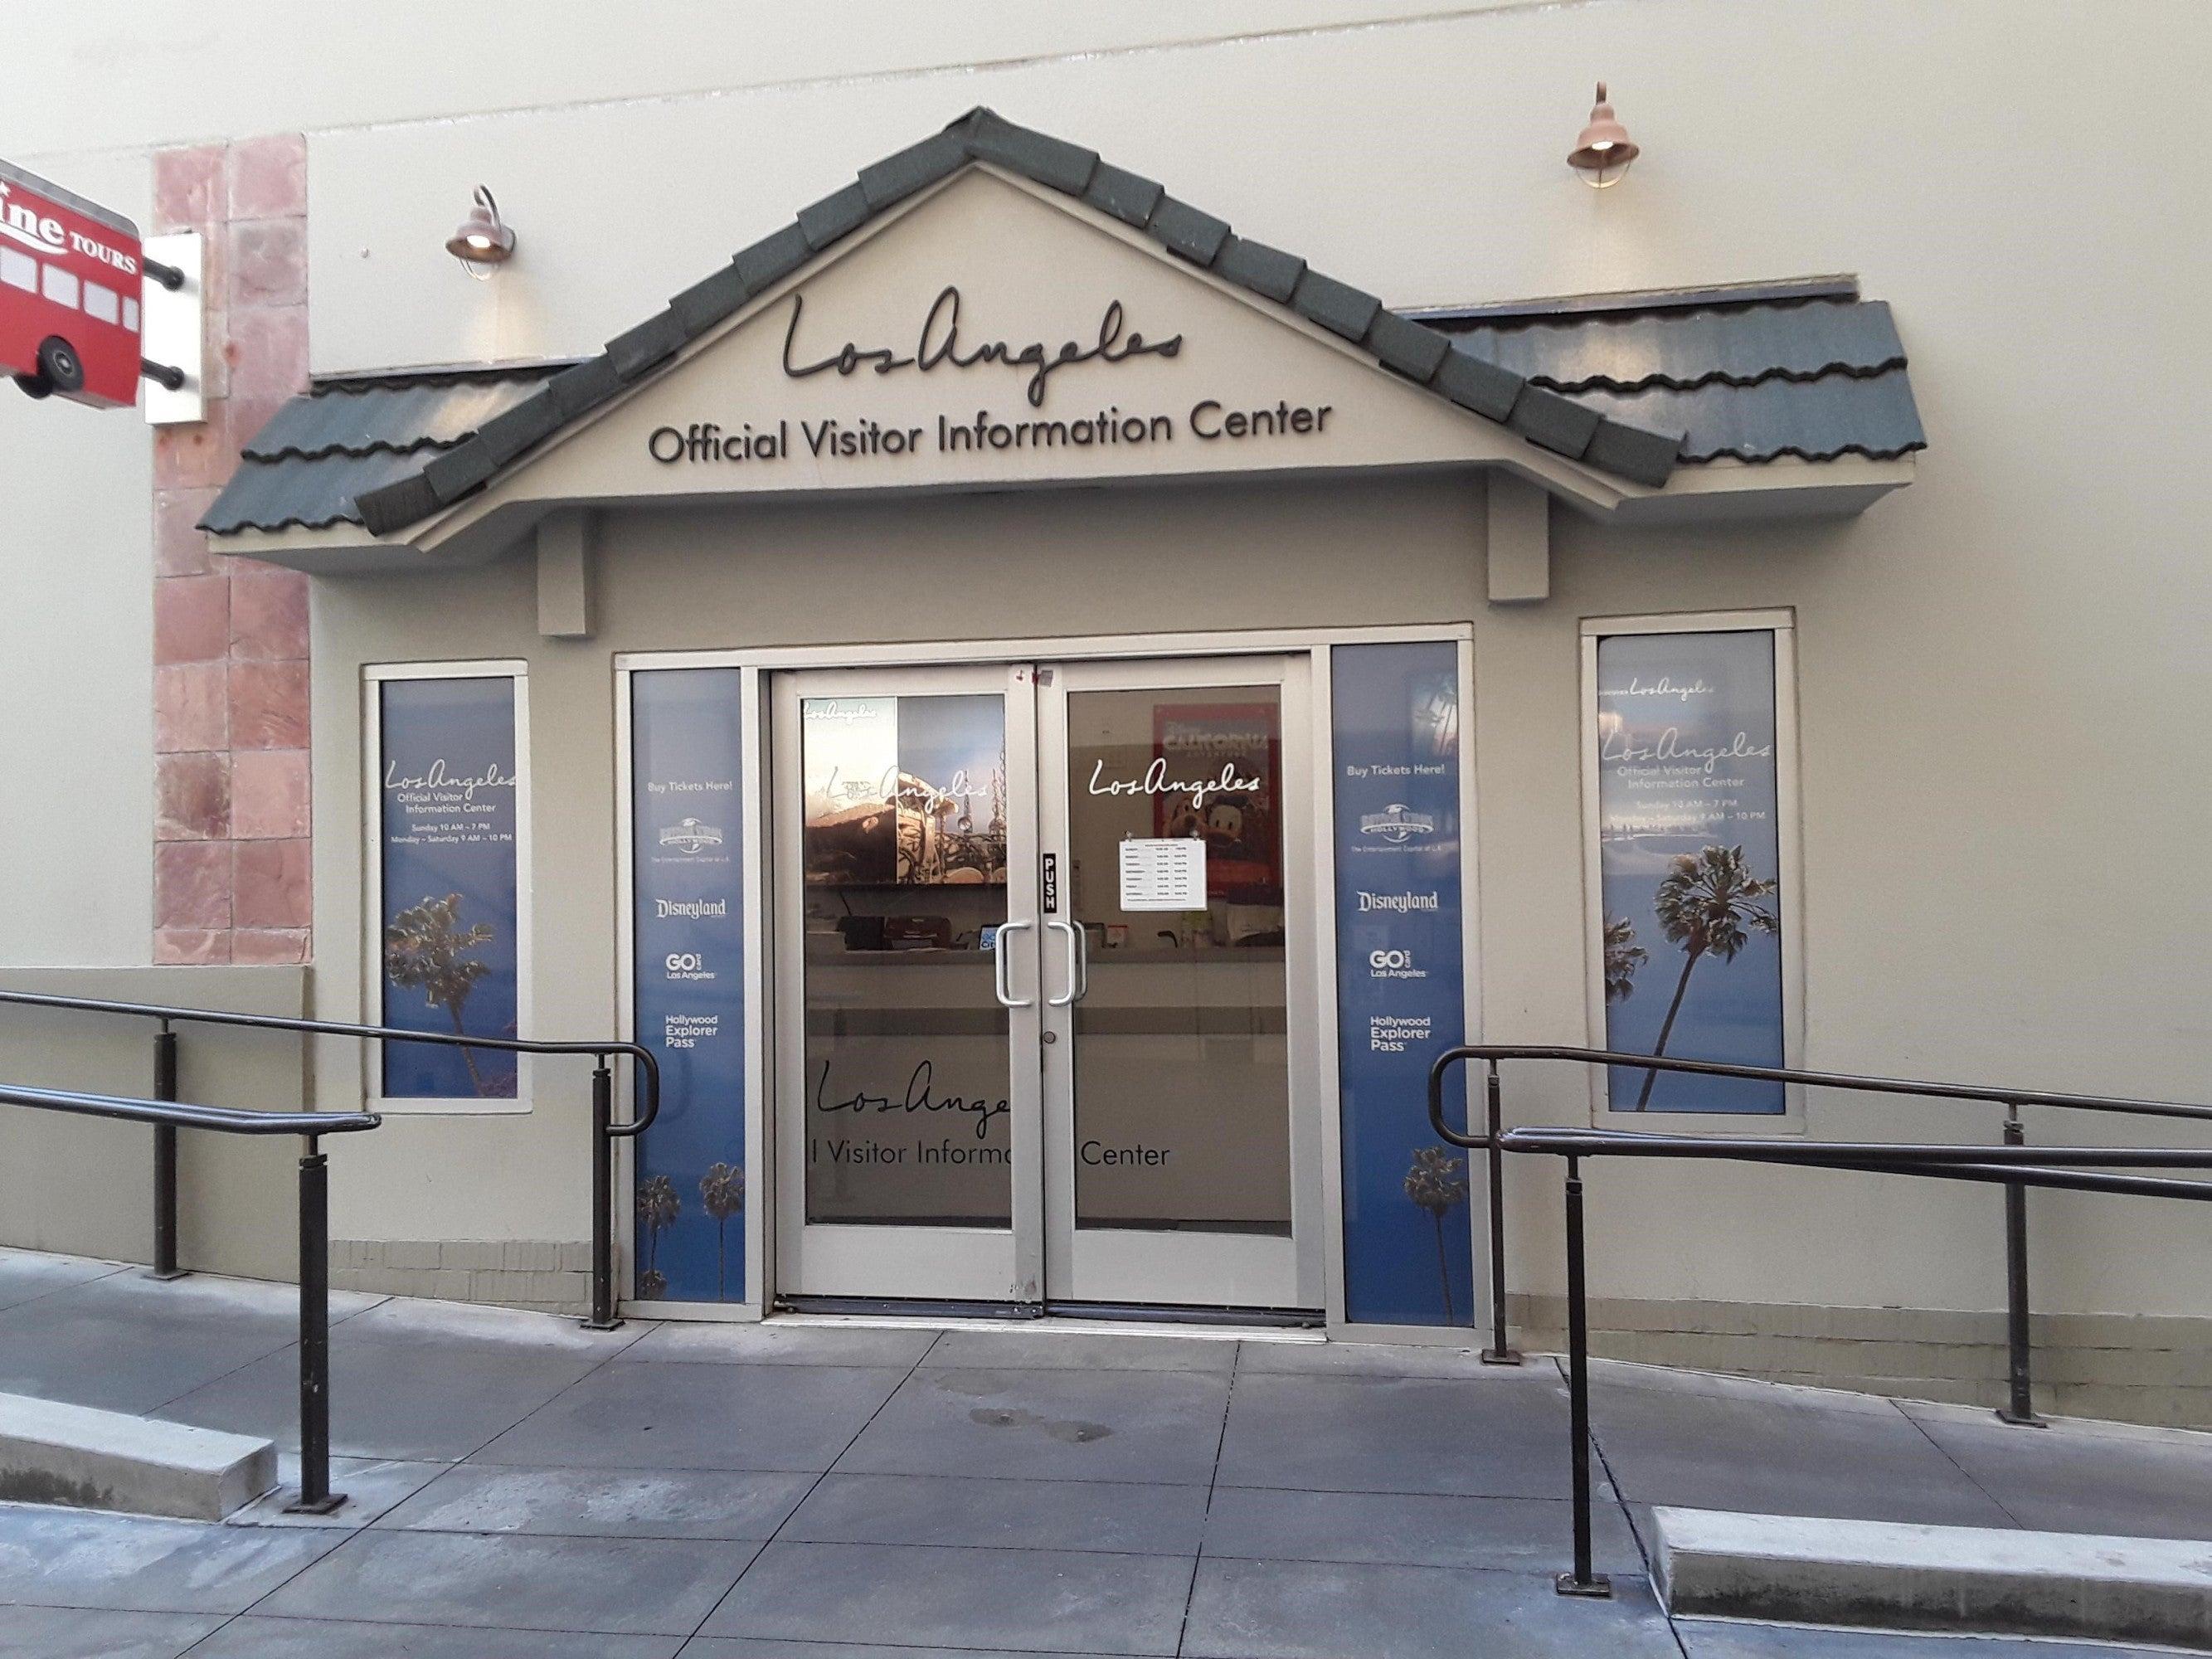 765af675 Los Angeles Visitor Information Center - Hollywood & Highland ...